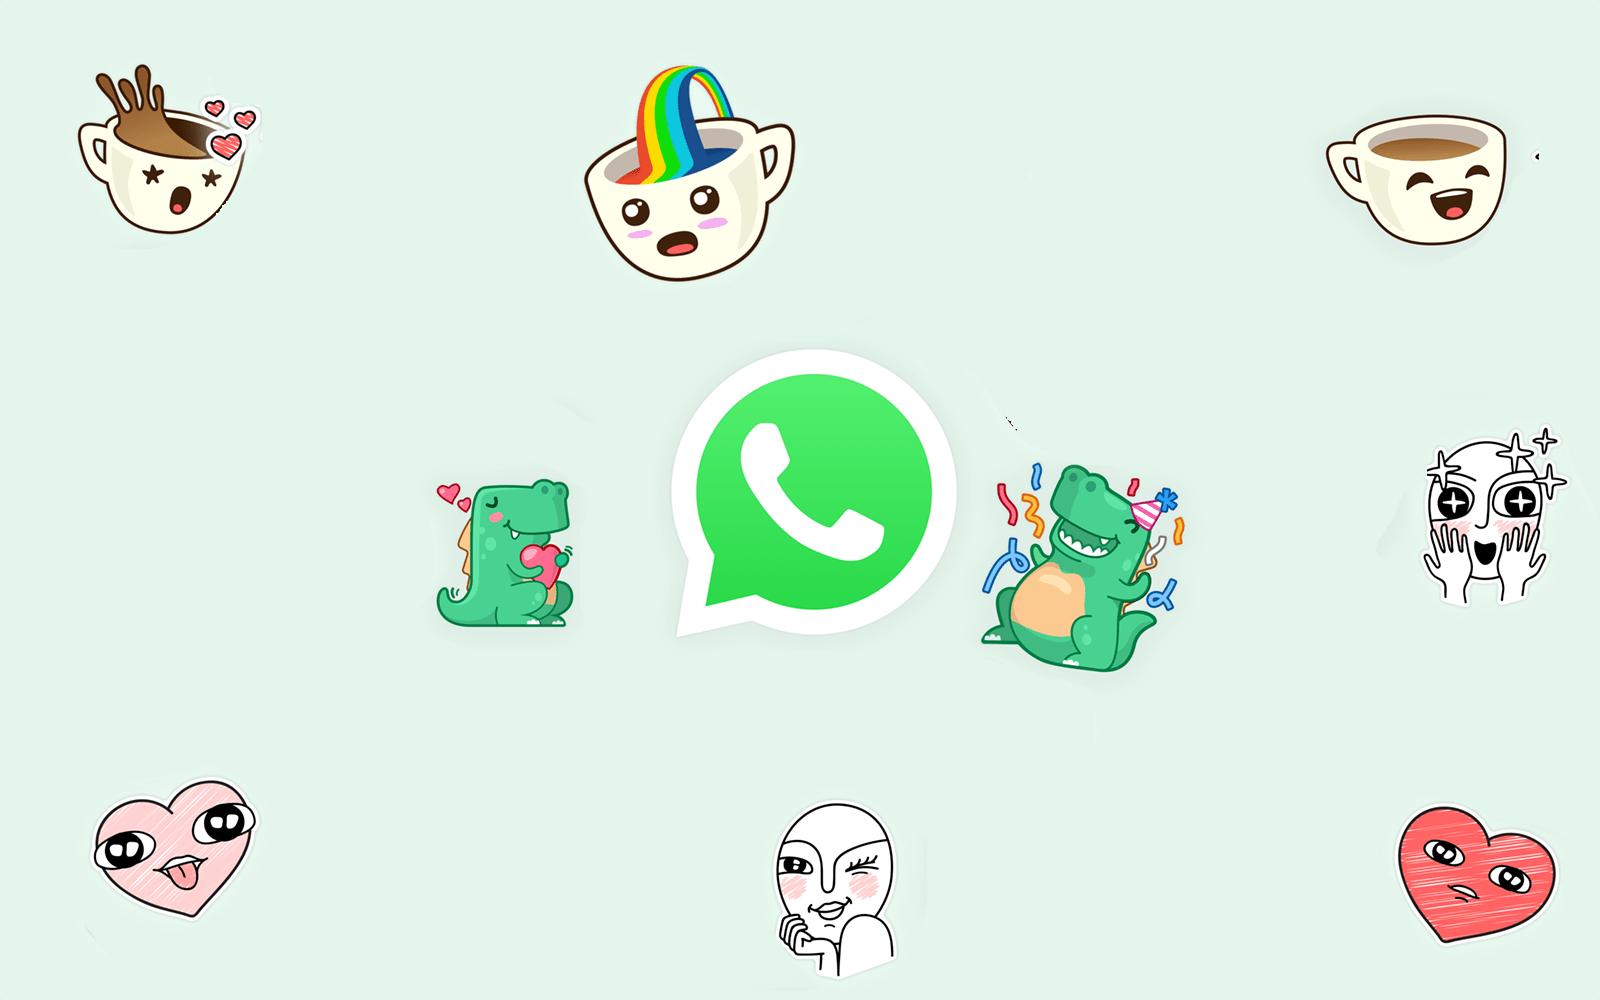 Como mandar figurinhas stickers pelo whatsapp